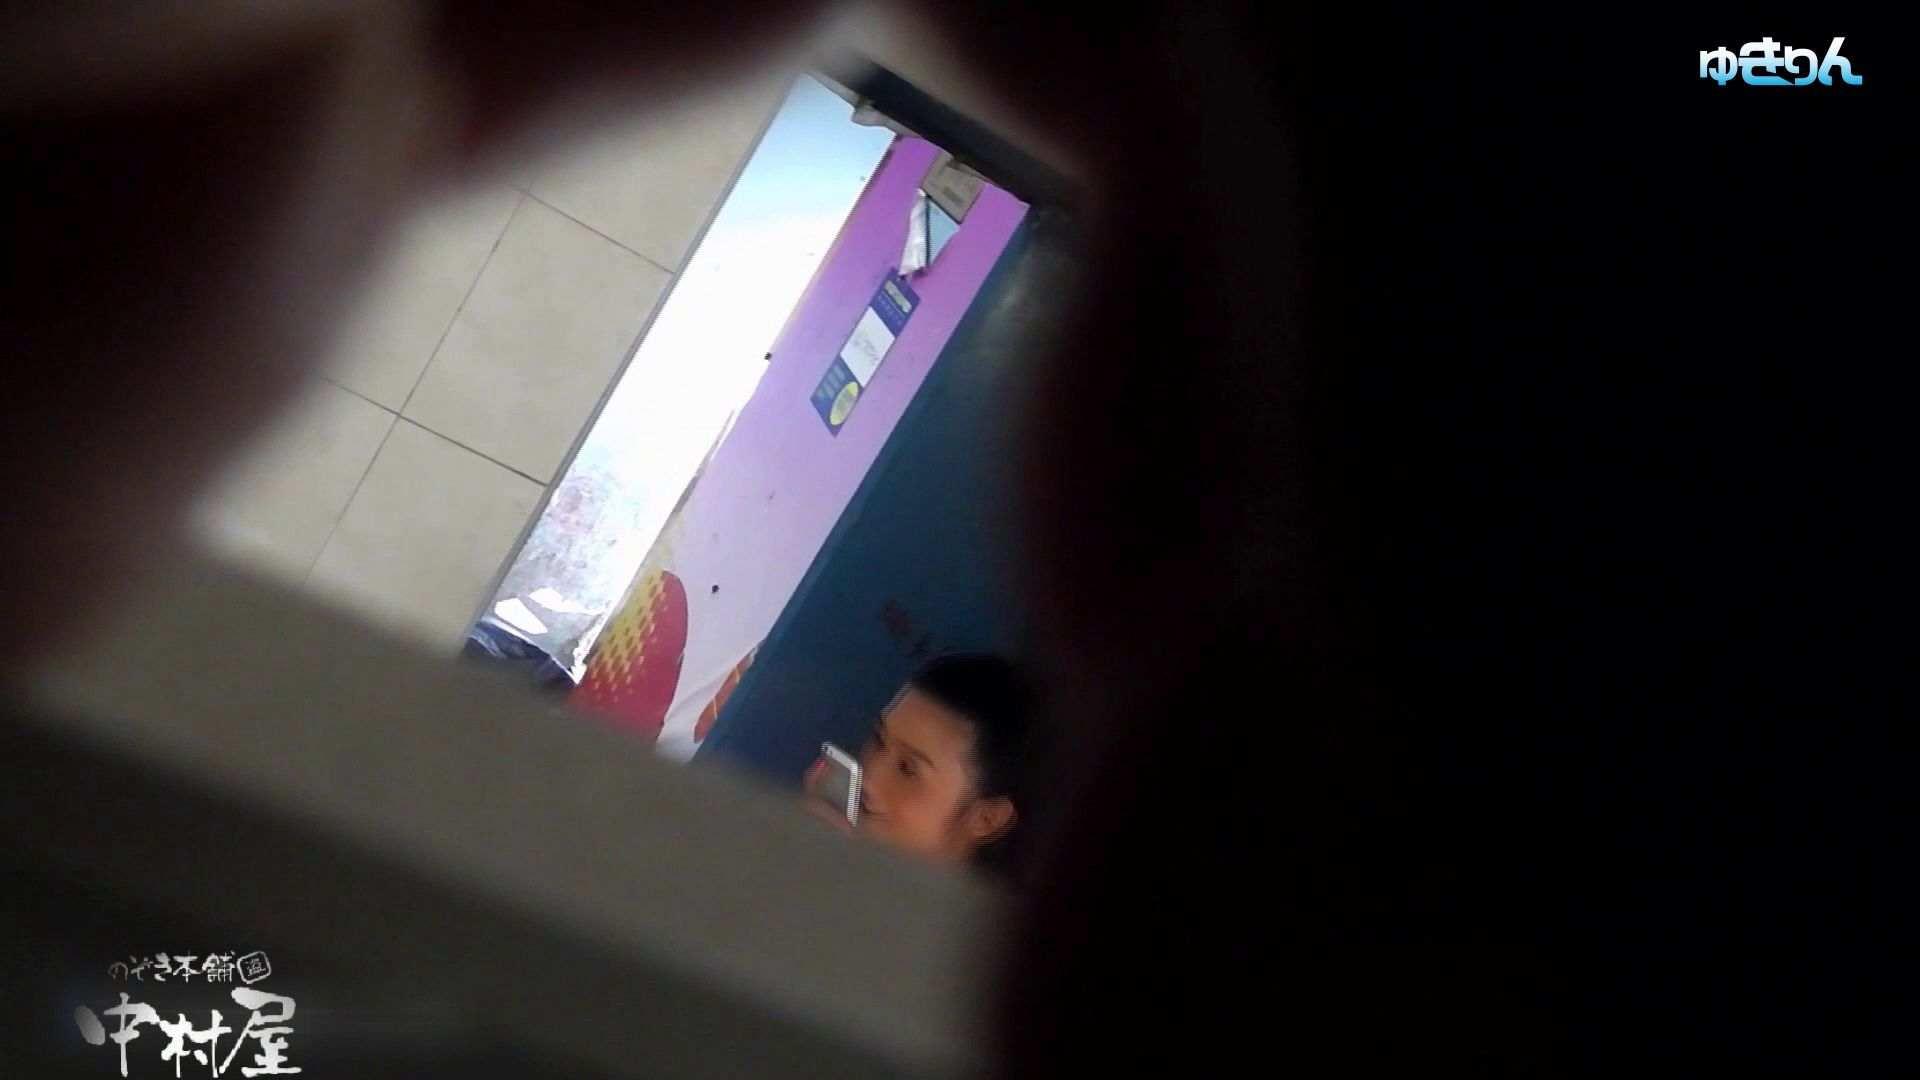 世界の射窓から~ステーション編~vol63 ハイヒール花柄に注目 前編 OL  43pic 10